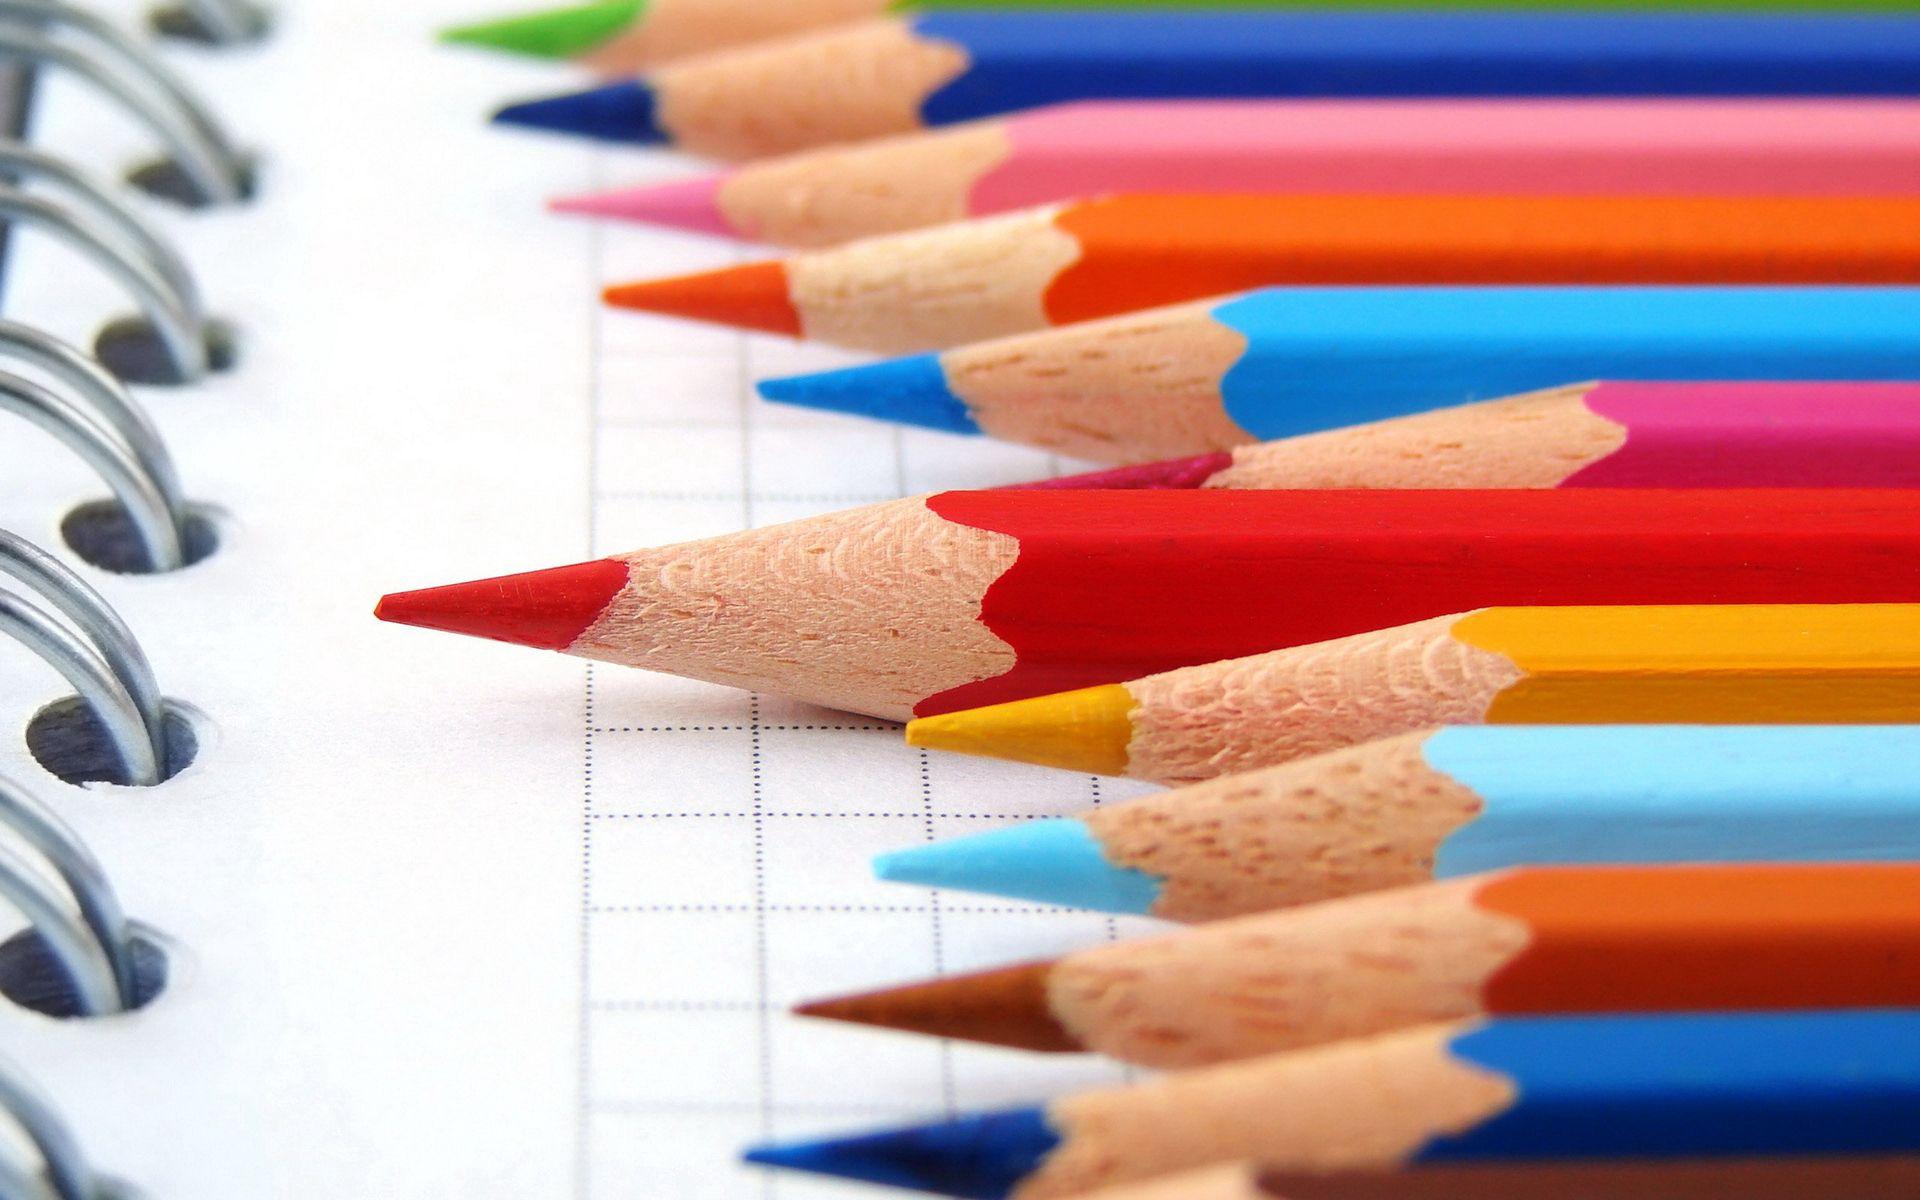 105440 скачать обои Макро, Карандаши, Разноцветный, Тетрадь - заставки и картинки бесплатно